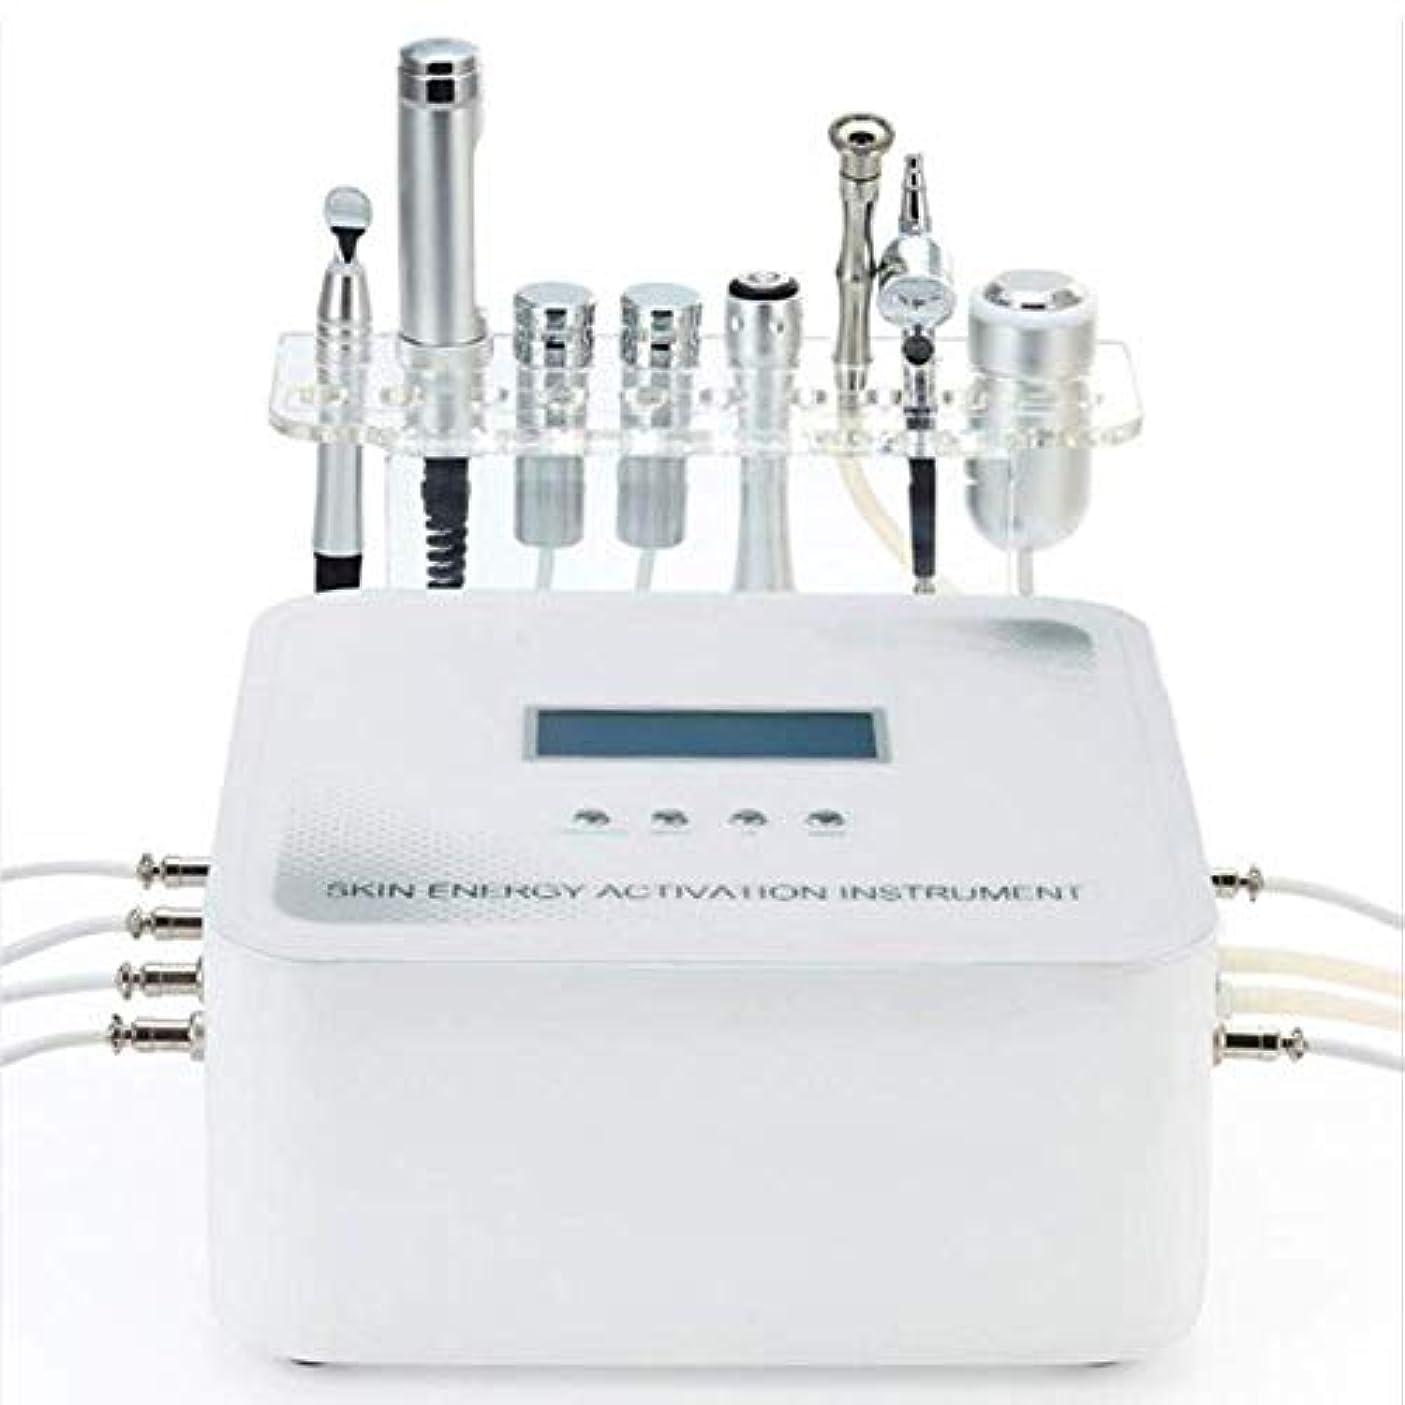 モルヒネ意図的進捗多機能両極マイクロ電気Rf美容機器、美容室の家族の使用に適した純粋な酸素肌の若返り楽器、150ワット110ボルト